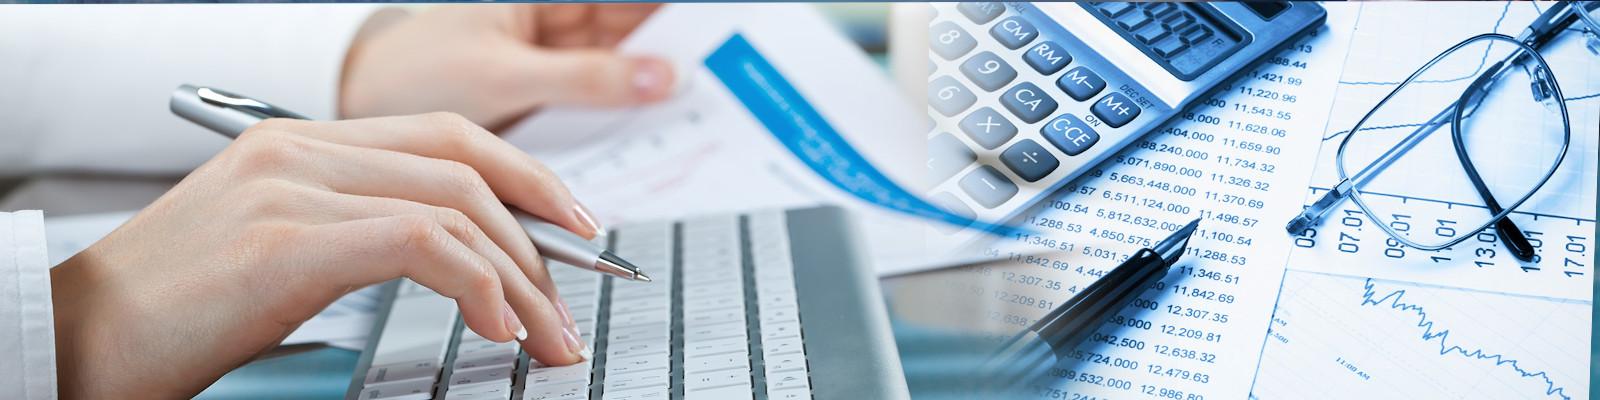 Σύμβουλοι Επιχειρήσεων Διοικητική Πληροφόρηση Φοροτεχνική & Λογιστική Υποστήριξη Εφαρμογή Διεθνών Λογιστικών Προτύπων